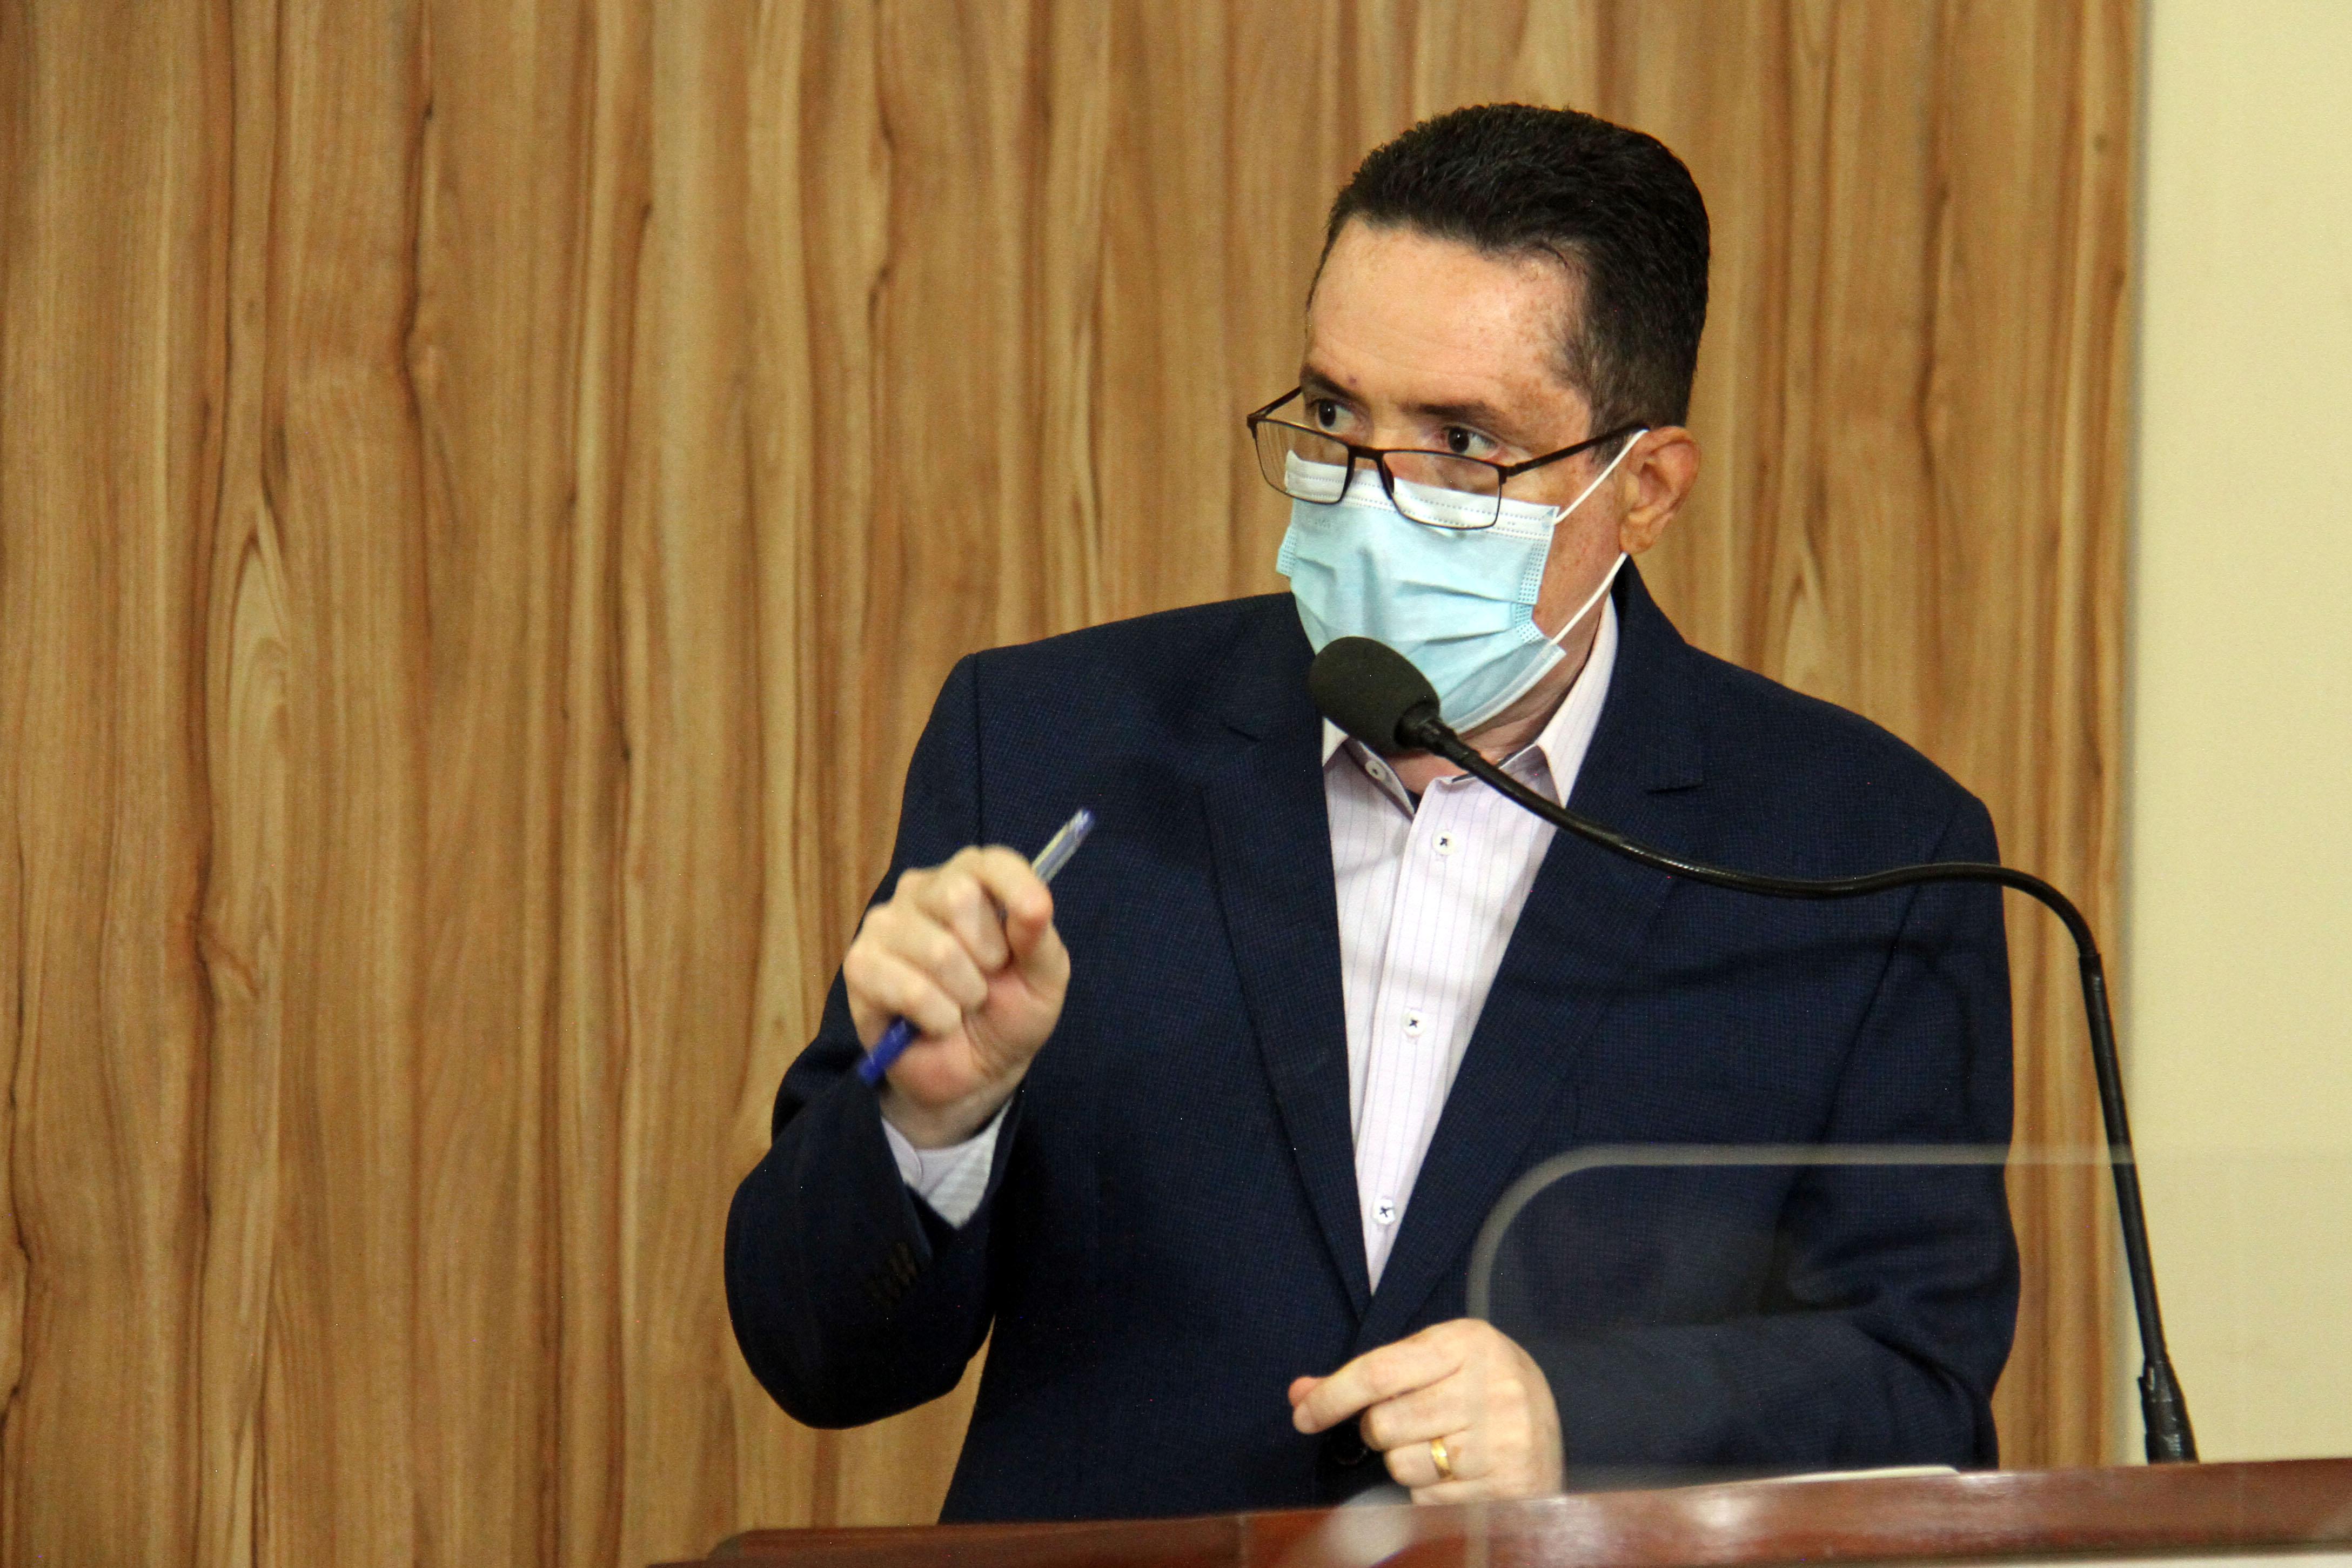 #PraCegoVer: Foto mostra o vereador Fábio Damasceno discursando na tribuna da Câmara.